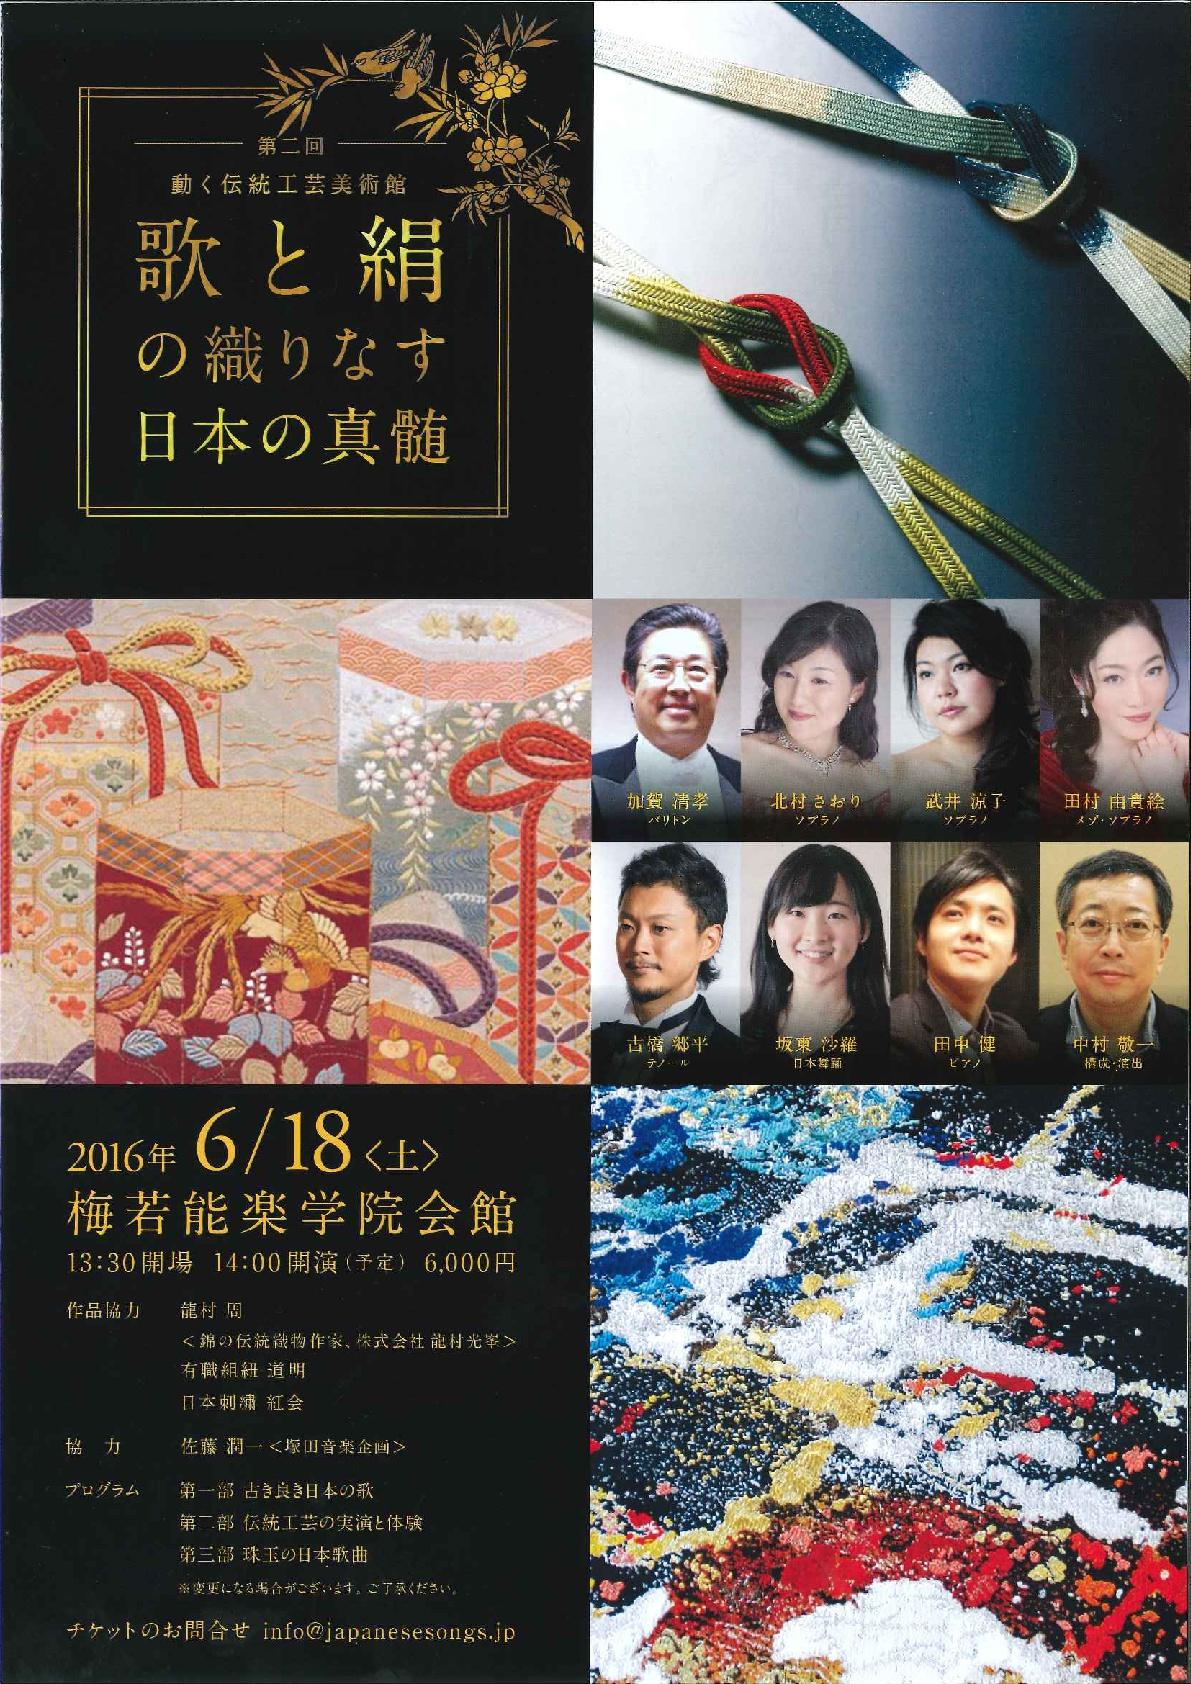 「歌と絹の織りなす日本の真髄 〜第二回動く伝統工芸品美術館〜」チラシ